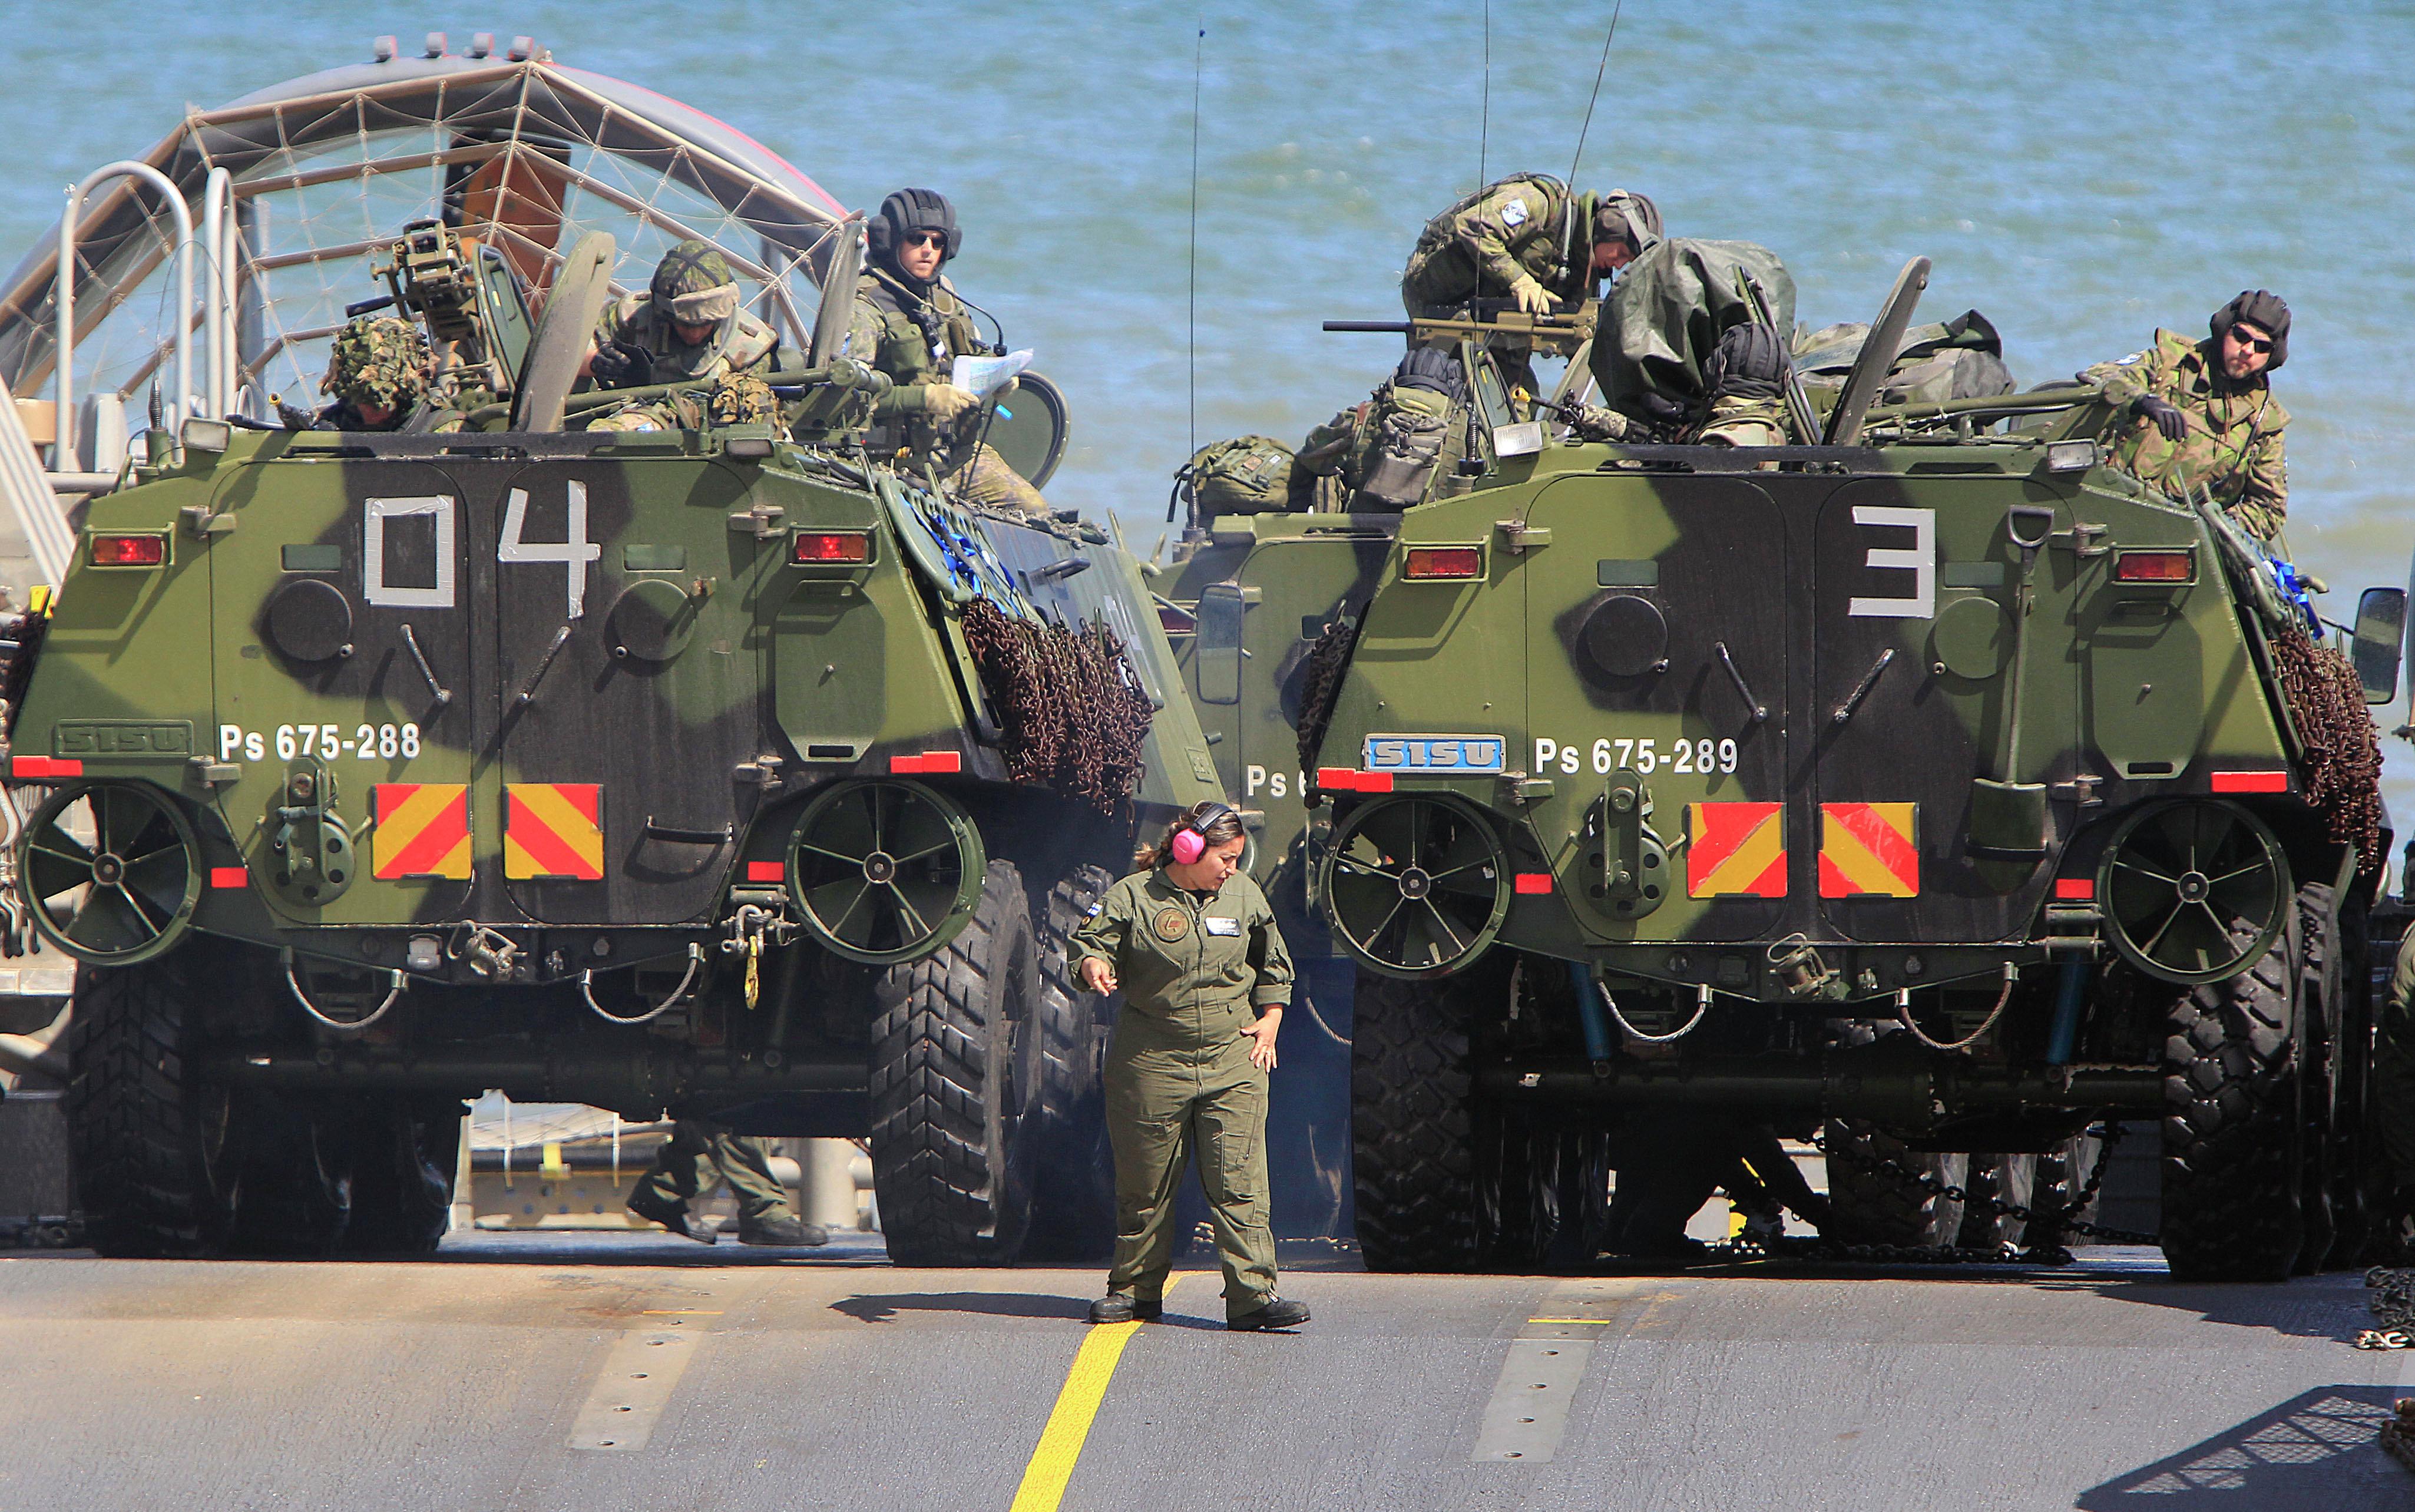 Tropas de la OTAN participan en ejercicios militares en el Mar Báltico, cerca de las fronteras con Rusia. Polonia, 17 de junio de 2015